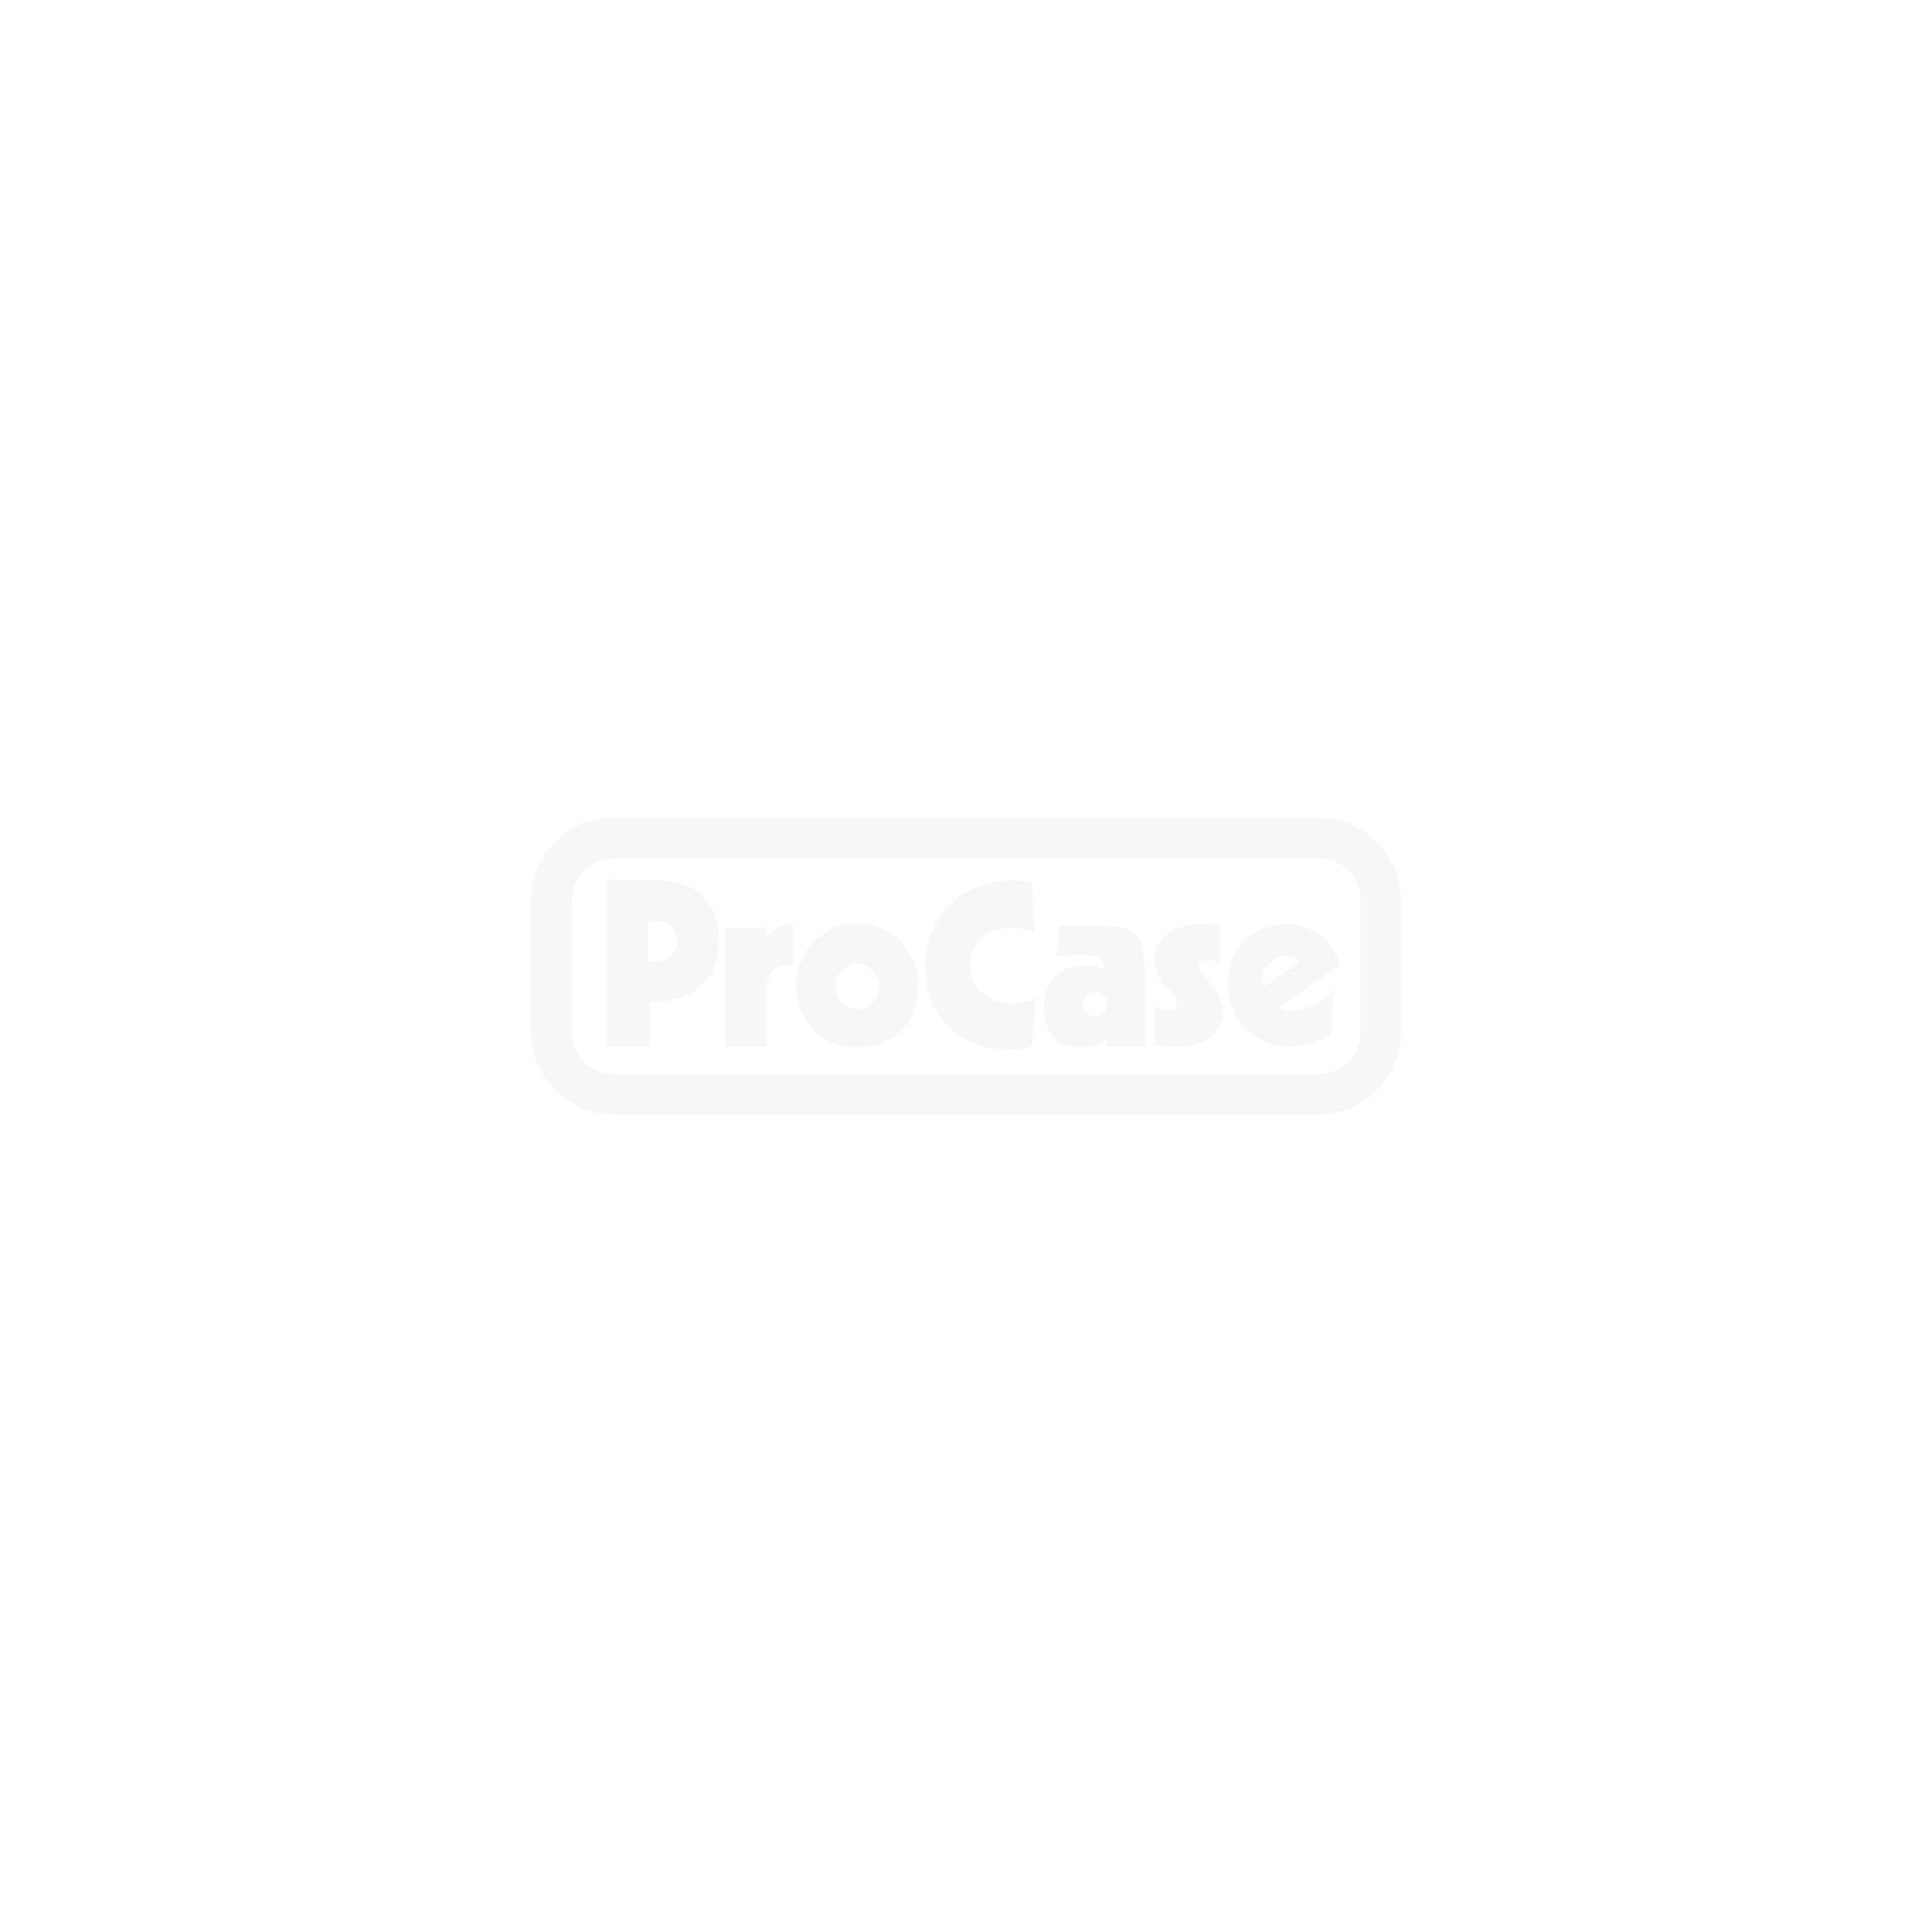 19 Zoll Standard Rack 20HE/12HE Singledoor mit Topdeckel